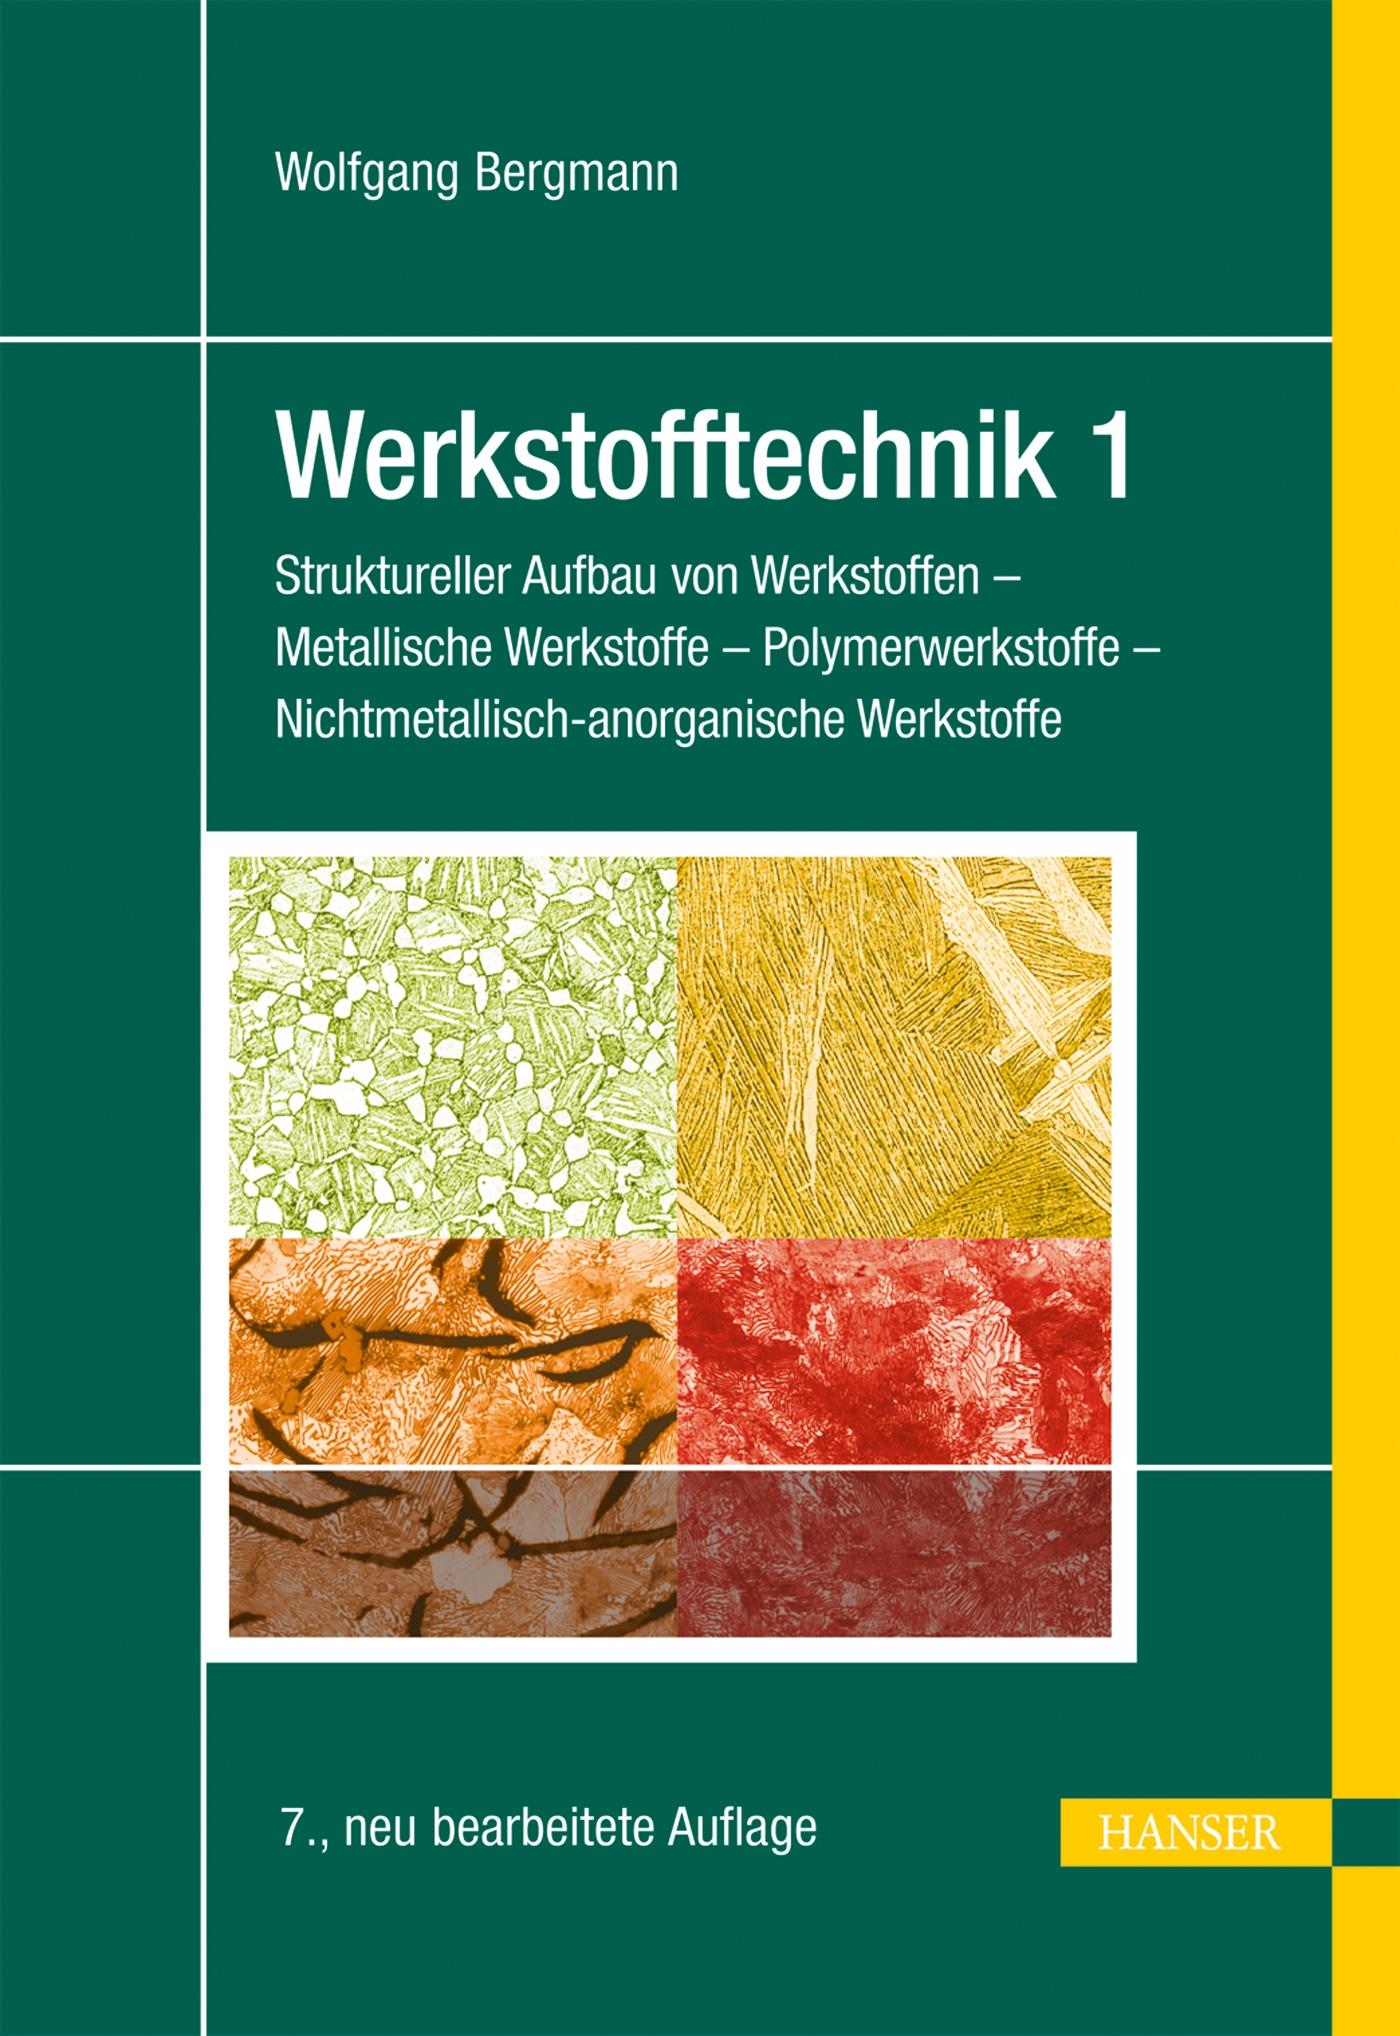 Werkstoffkunde skript PDF download